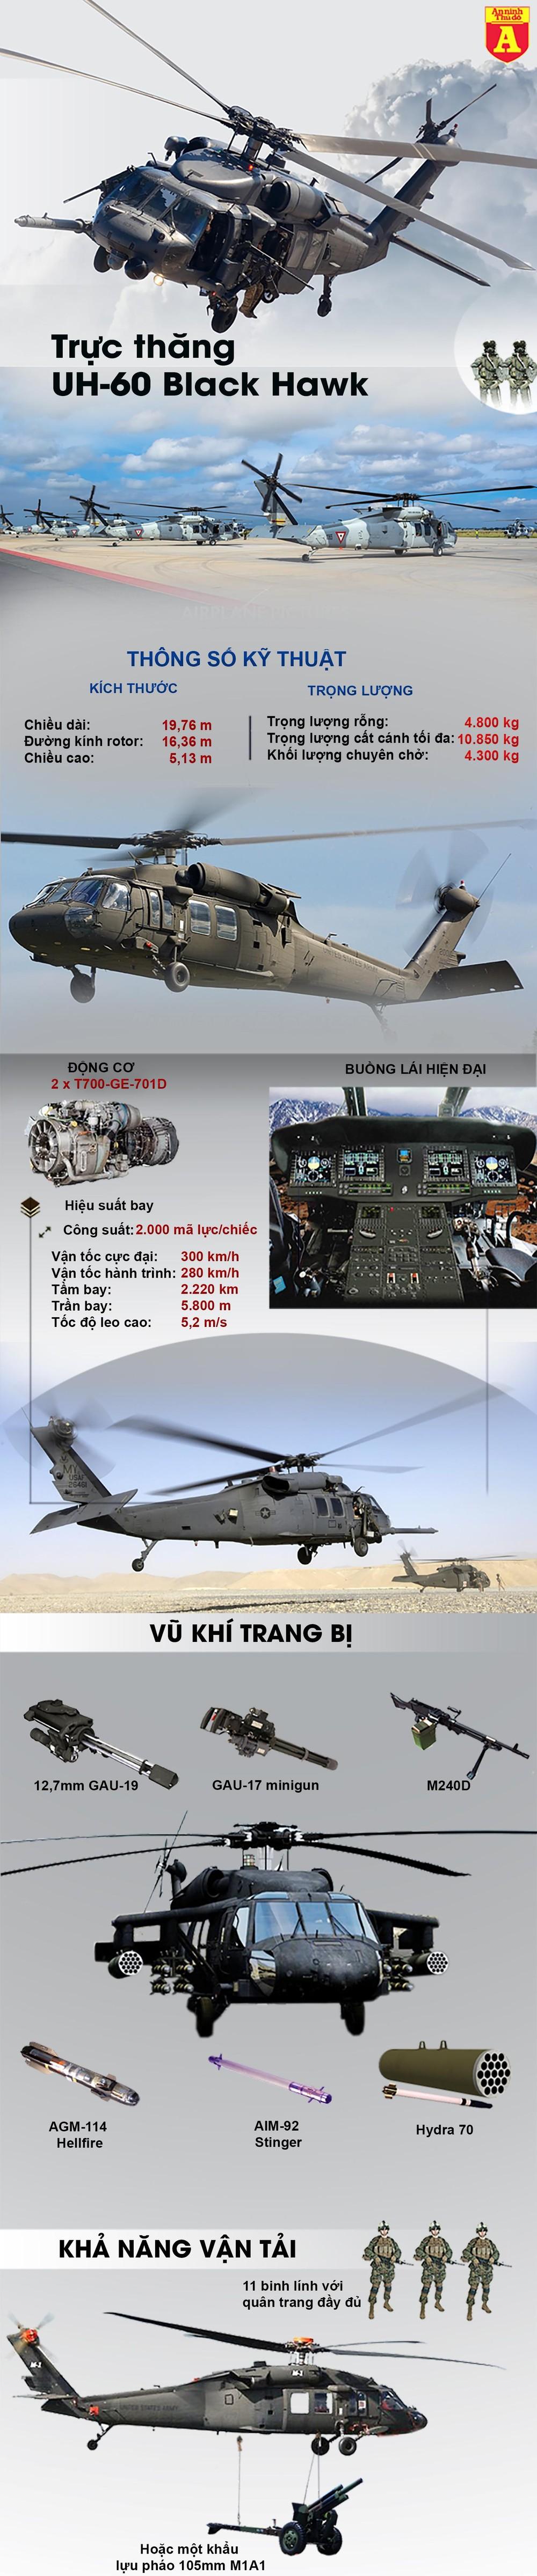 [Info] Taliban treo lơ lửng người trên trực thăng Mỹ ngay sau khi Washington rút quân ảnh 4